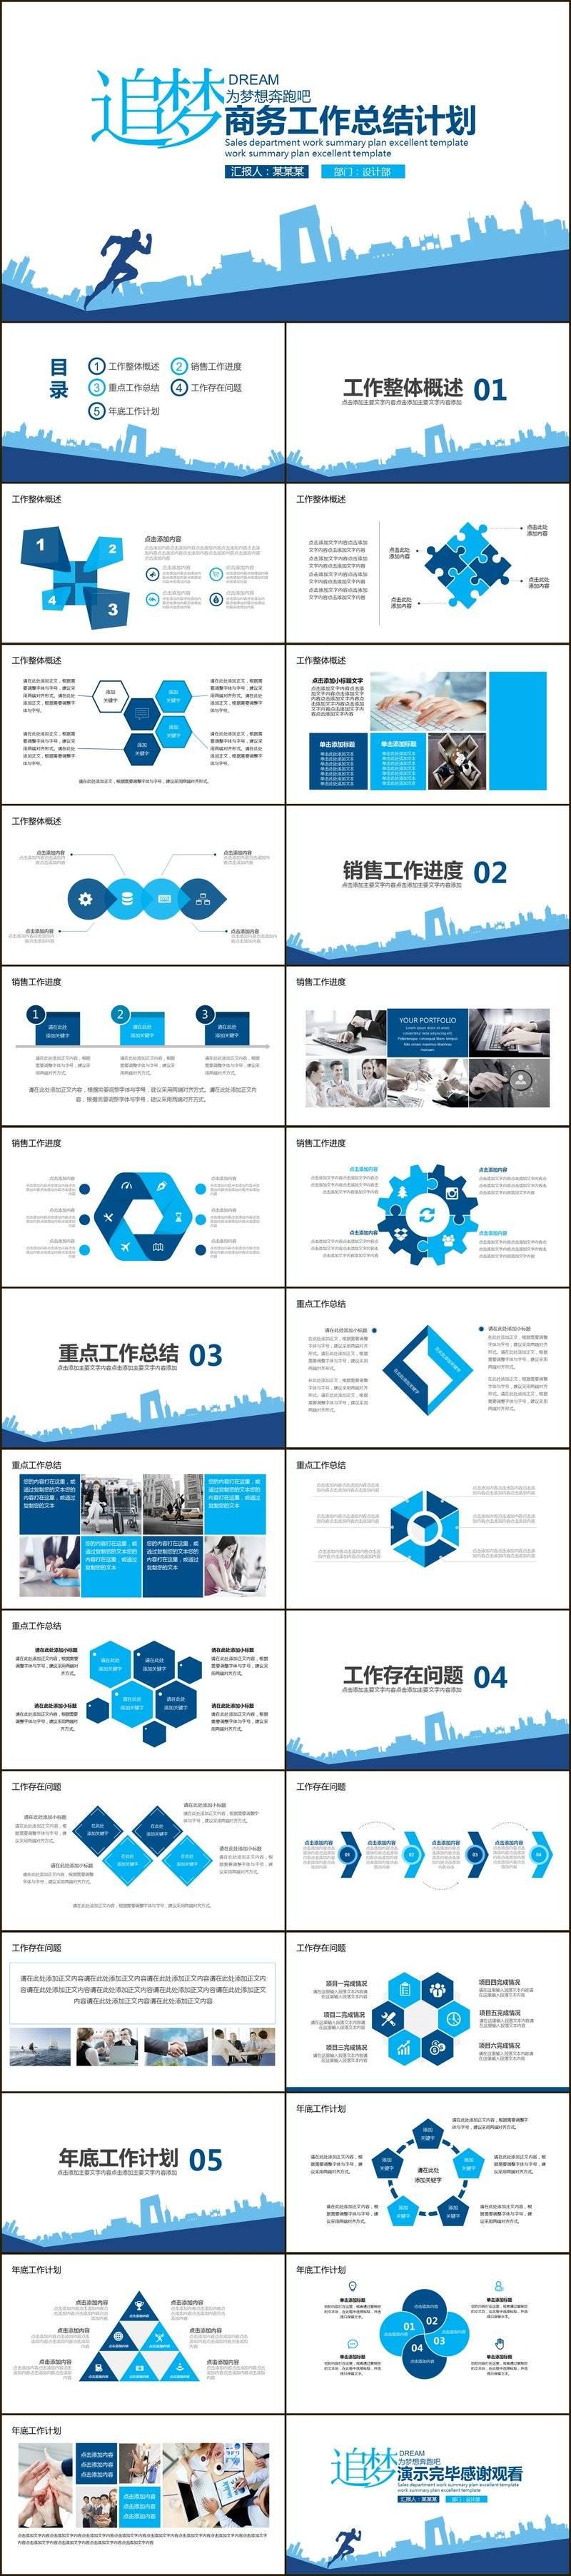 蓝色追梦为梦想而奋斗商务部门工作计划总结汇报ppt模板图片